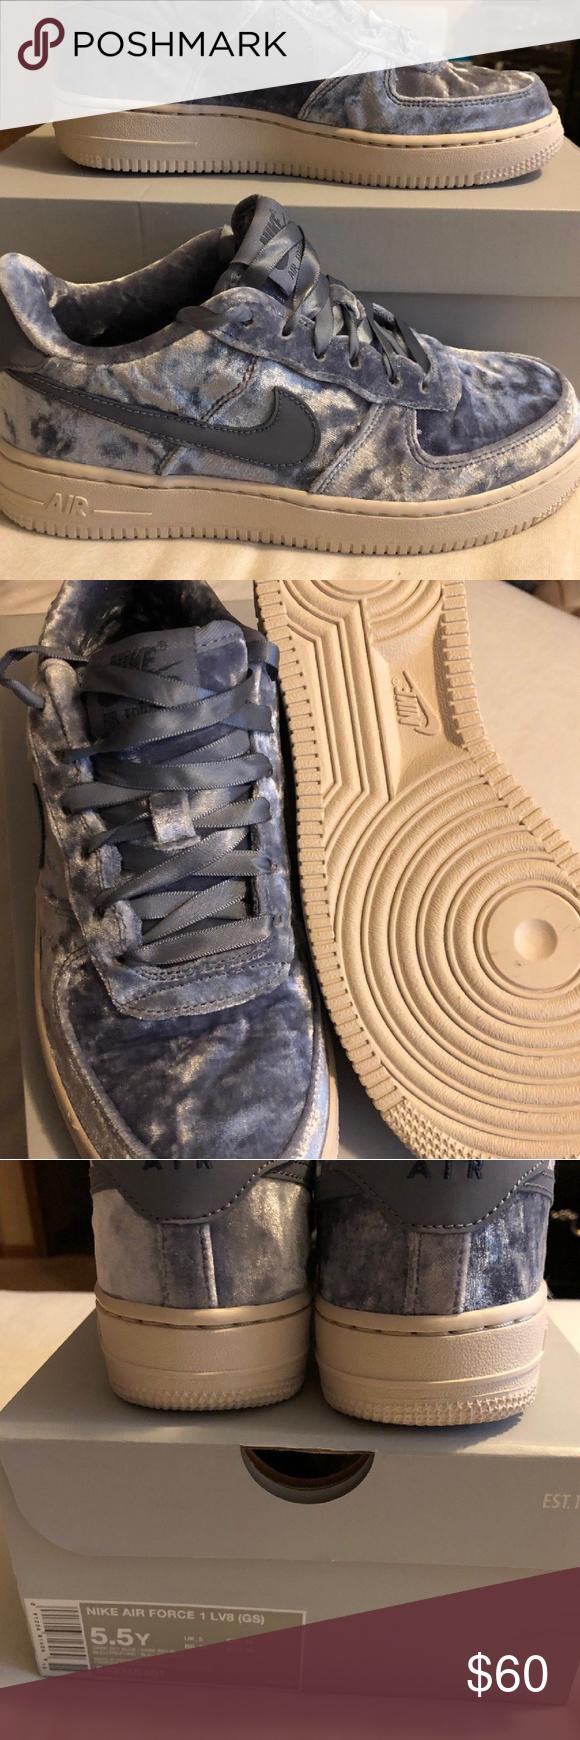 NEW IN BOX NIKE AIR FORCE 1LV8   Nike